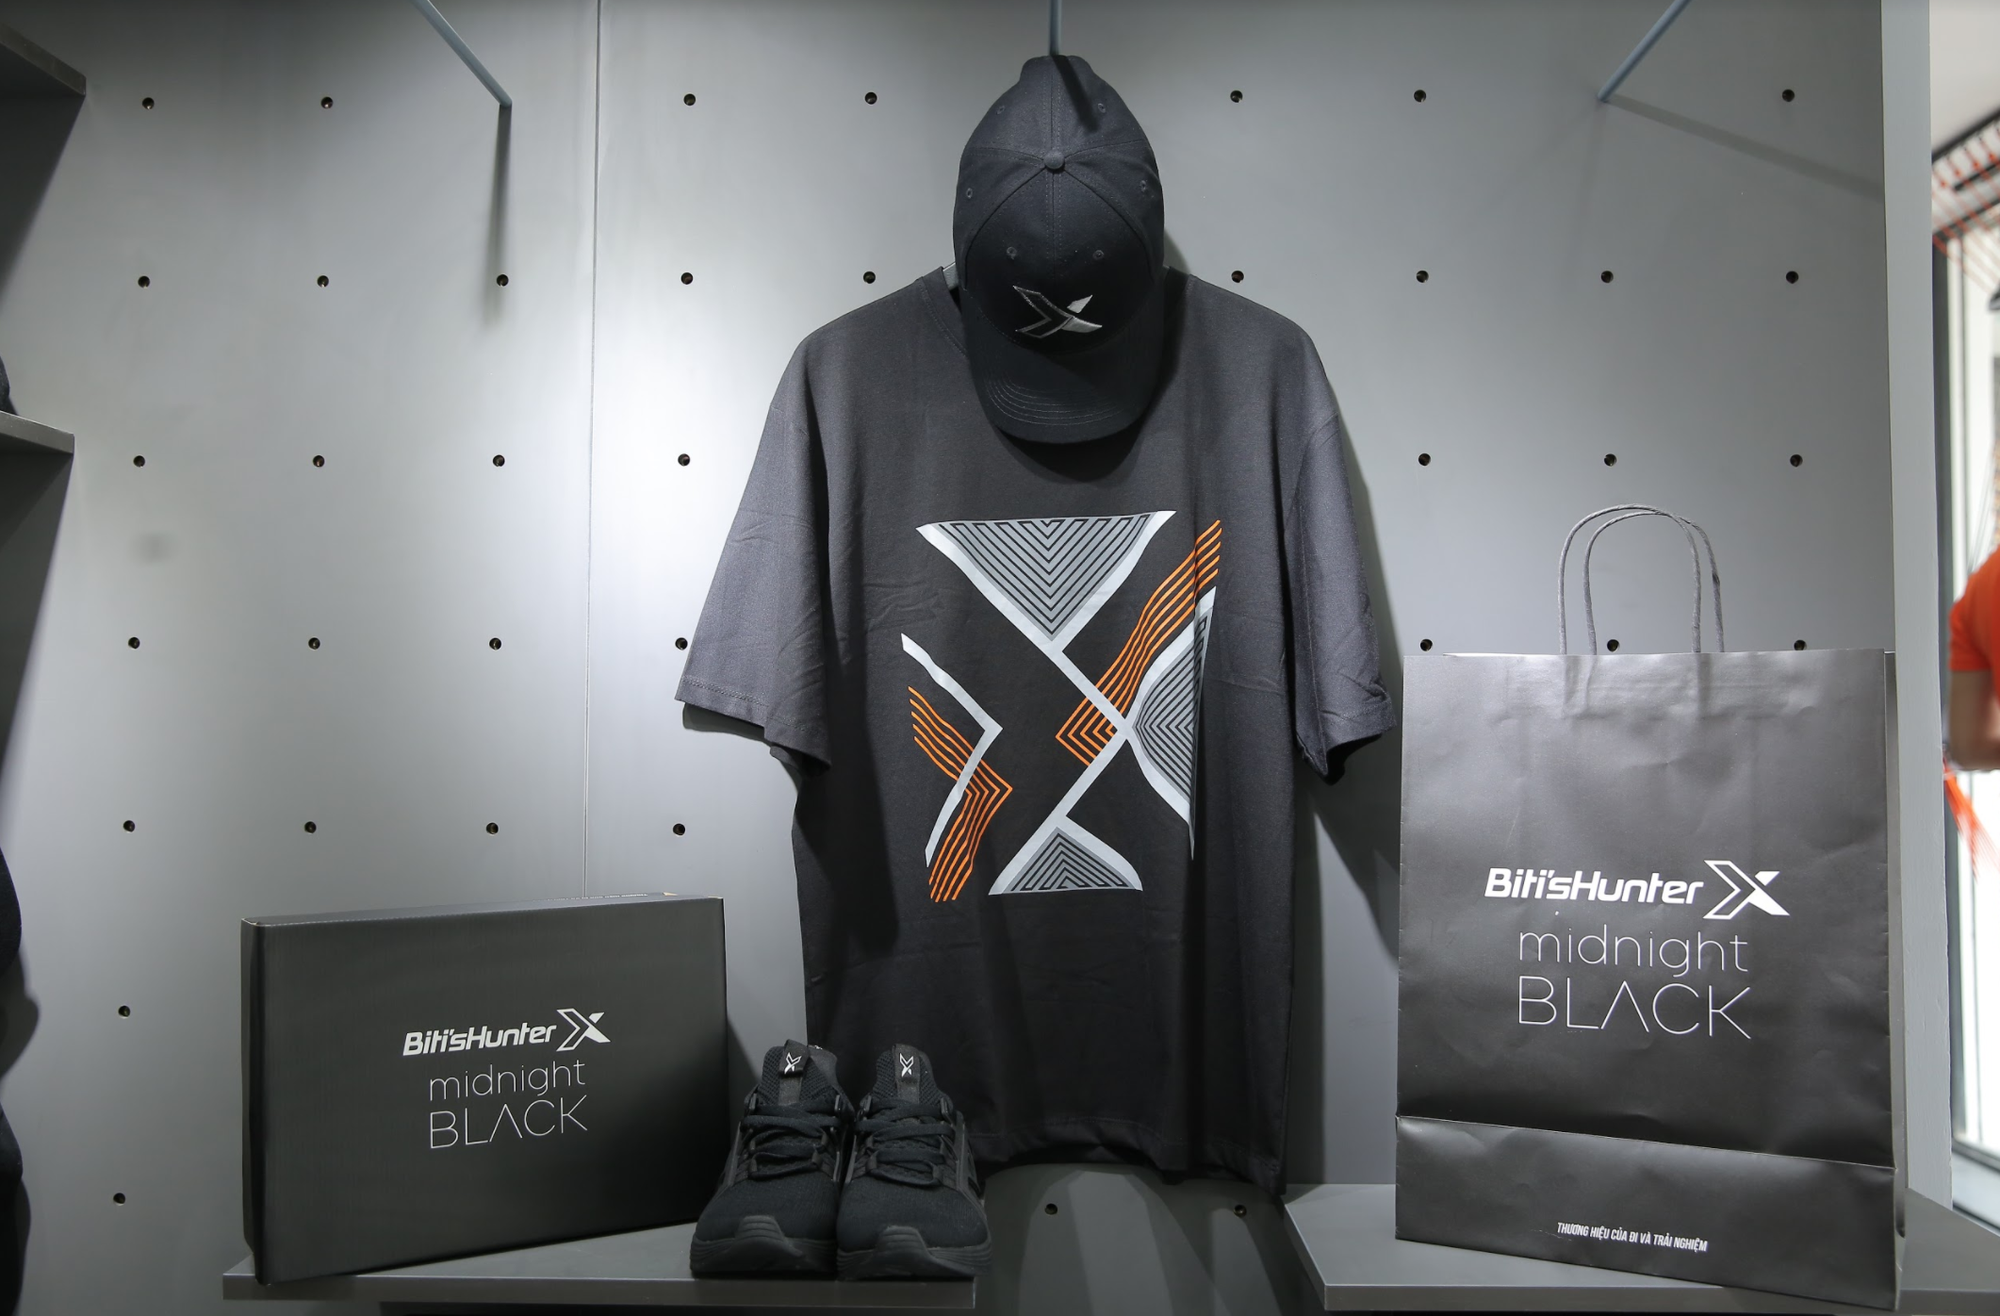 Tín đồ sneaker thủ đô háo hức với sự ra mắt independent store đầu tiên của Biti's Hunter - Ảnh 4.